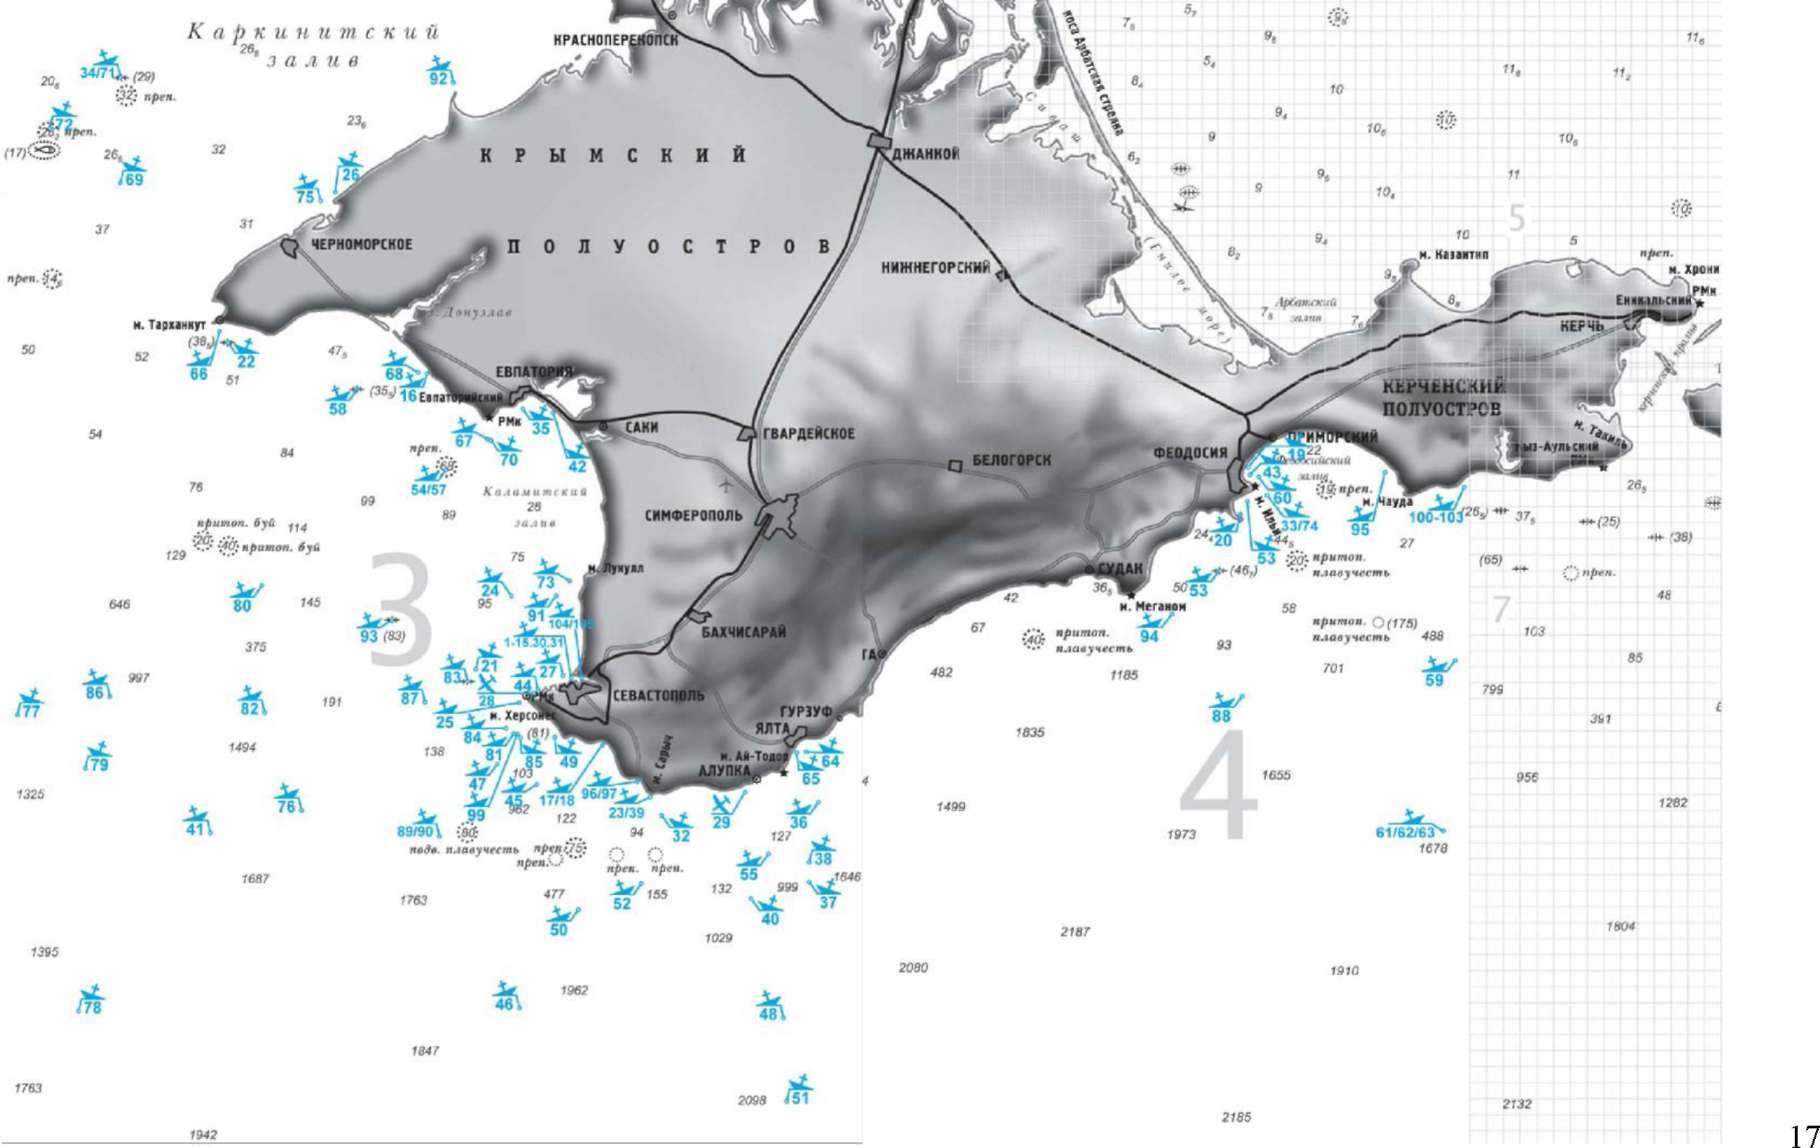 Карта затонувших кораблей Черного моря.